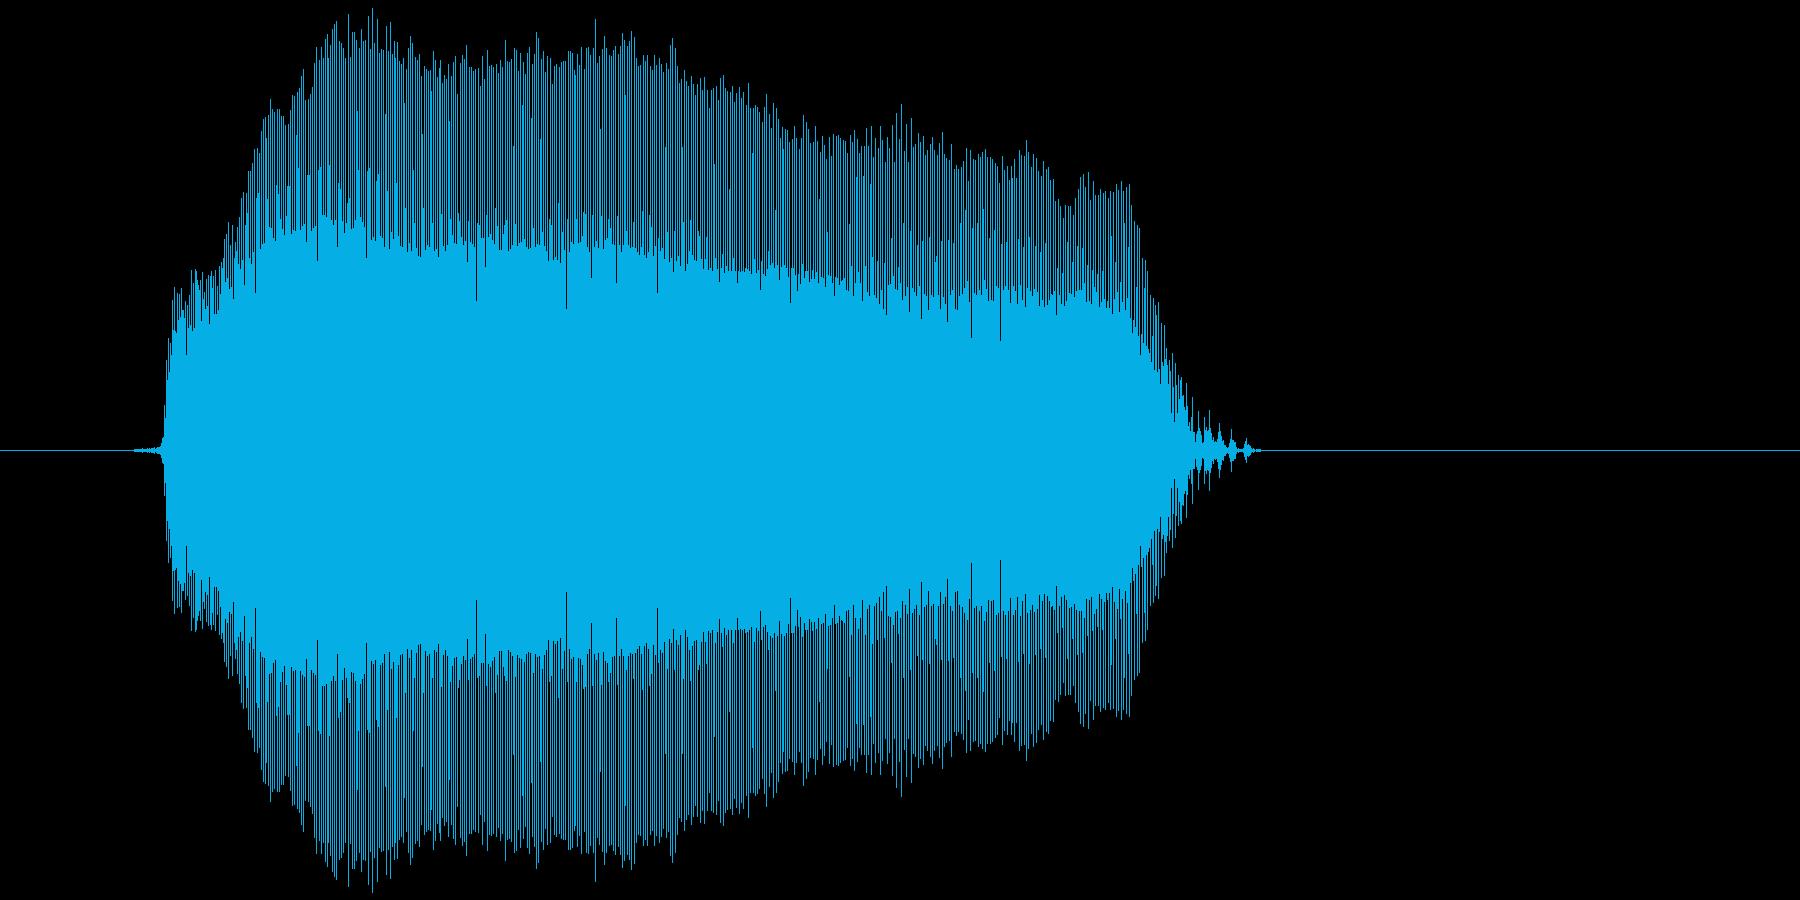 「えーん」の再生済みの波形